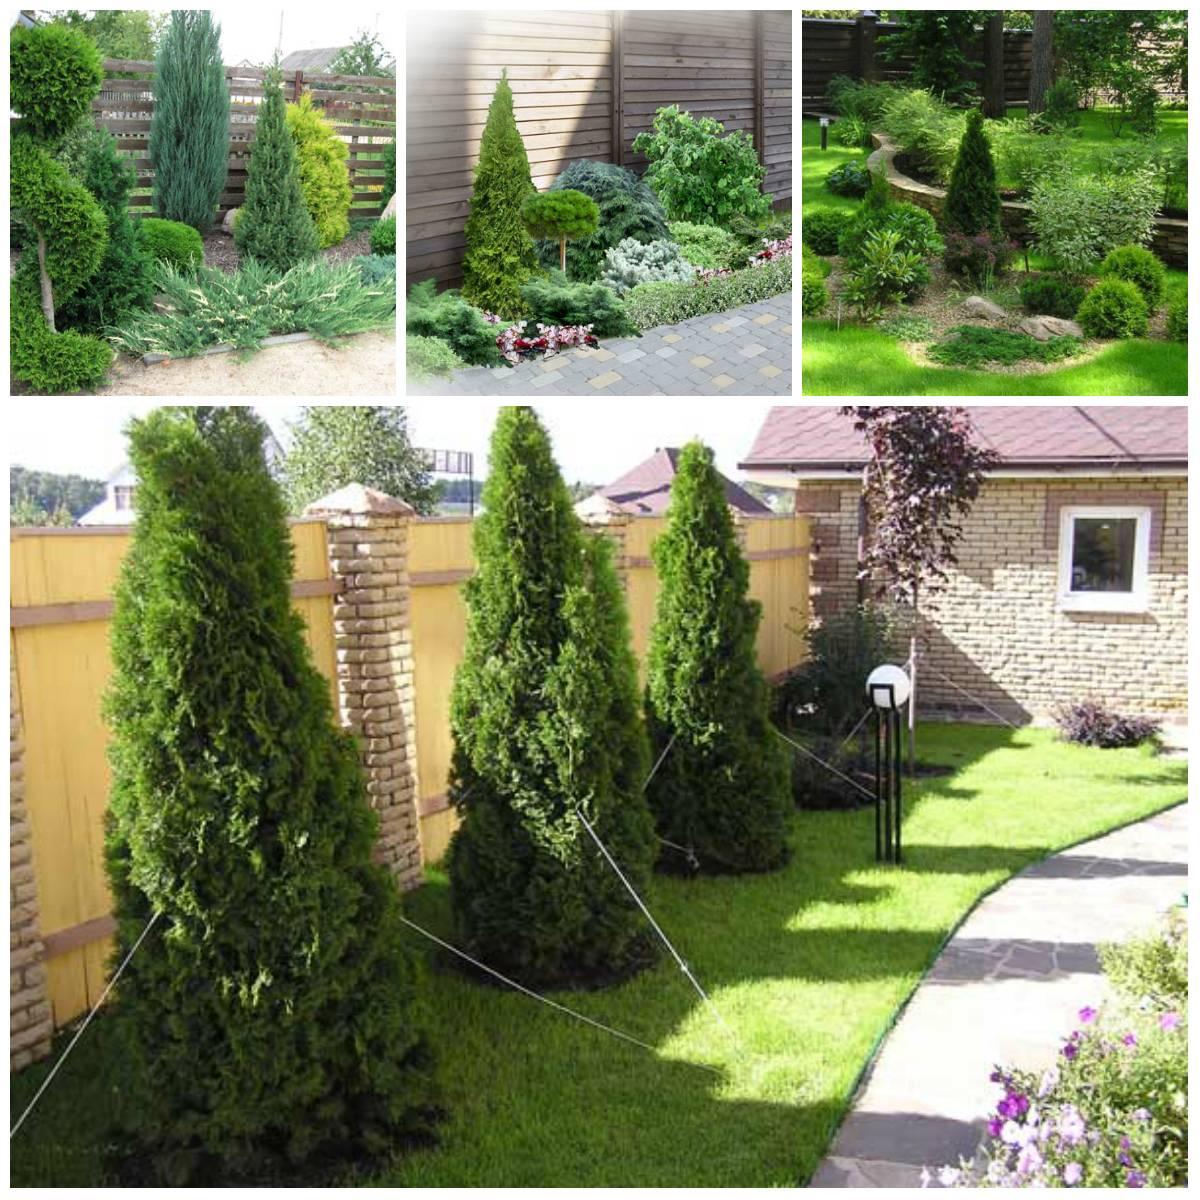 Основные принципы ландшафтного дизайна для начинающих садоводов